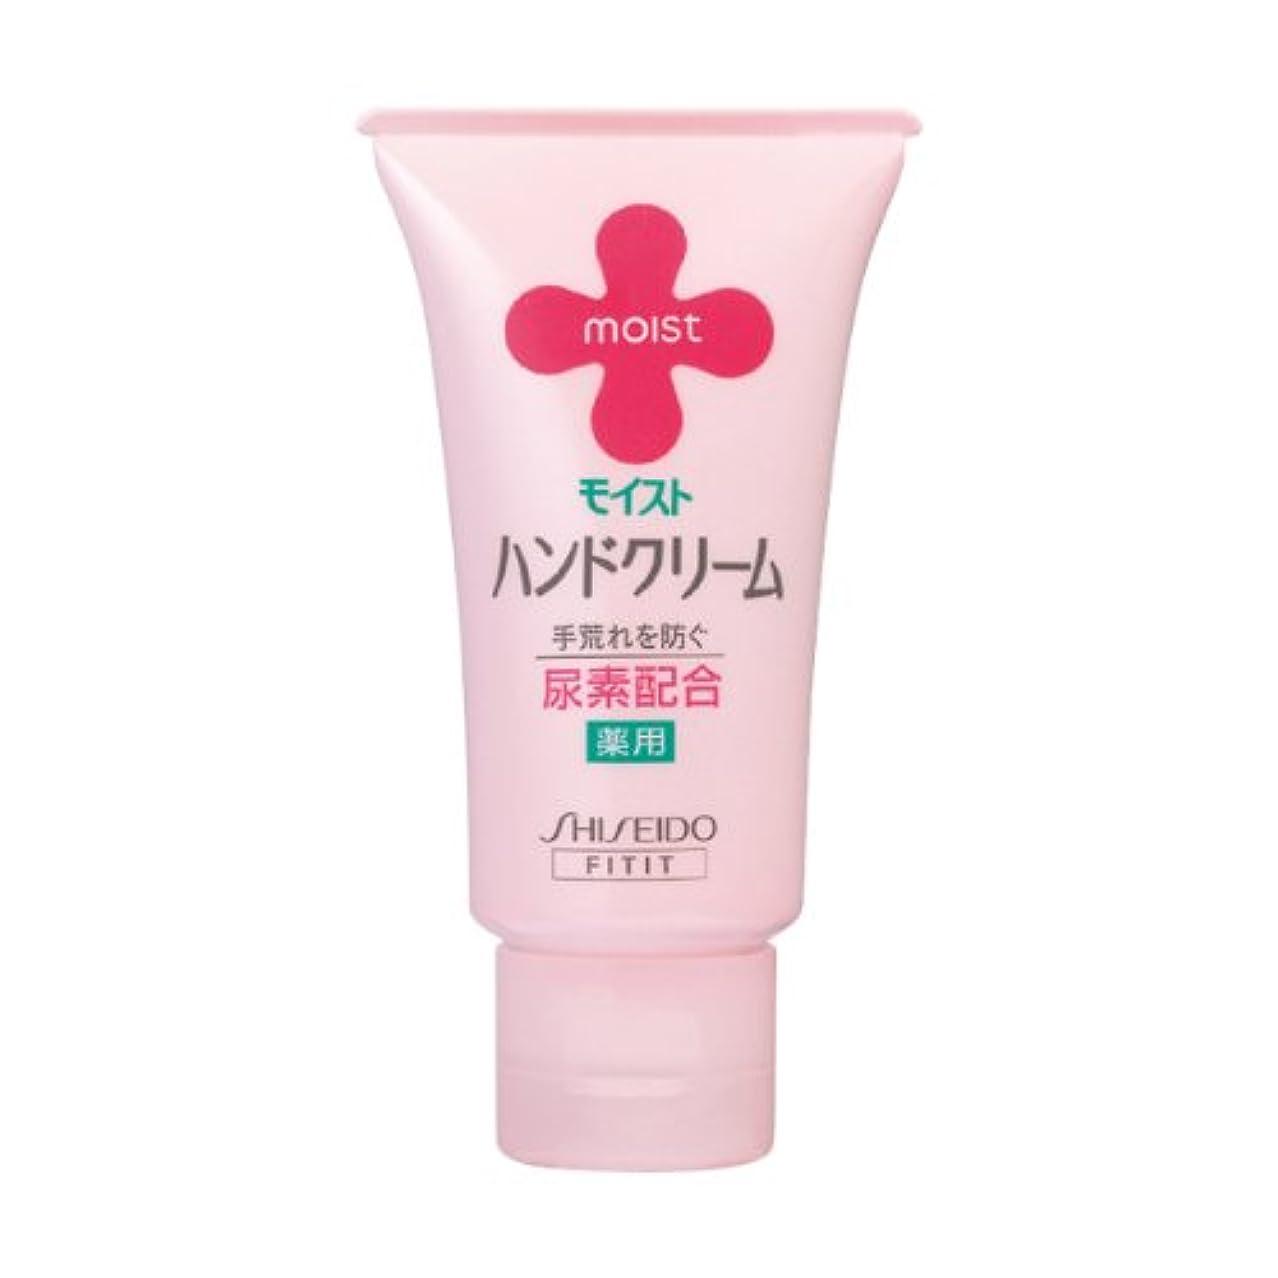 海外で騒乱飢えモイスト 薬用ハンドクリームUR S 43g 【医薬部外品】